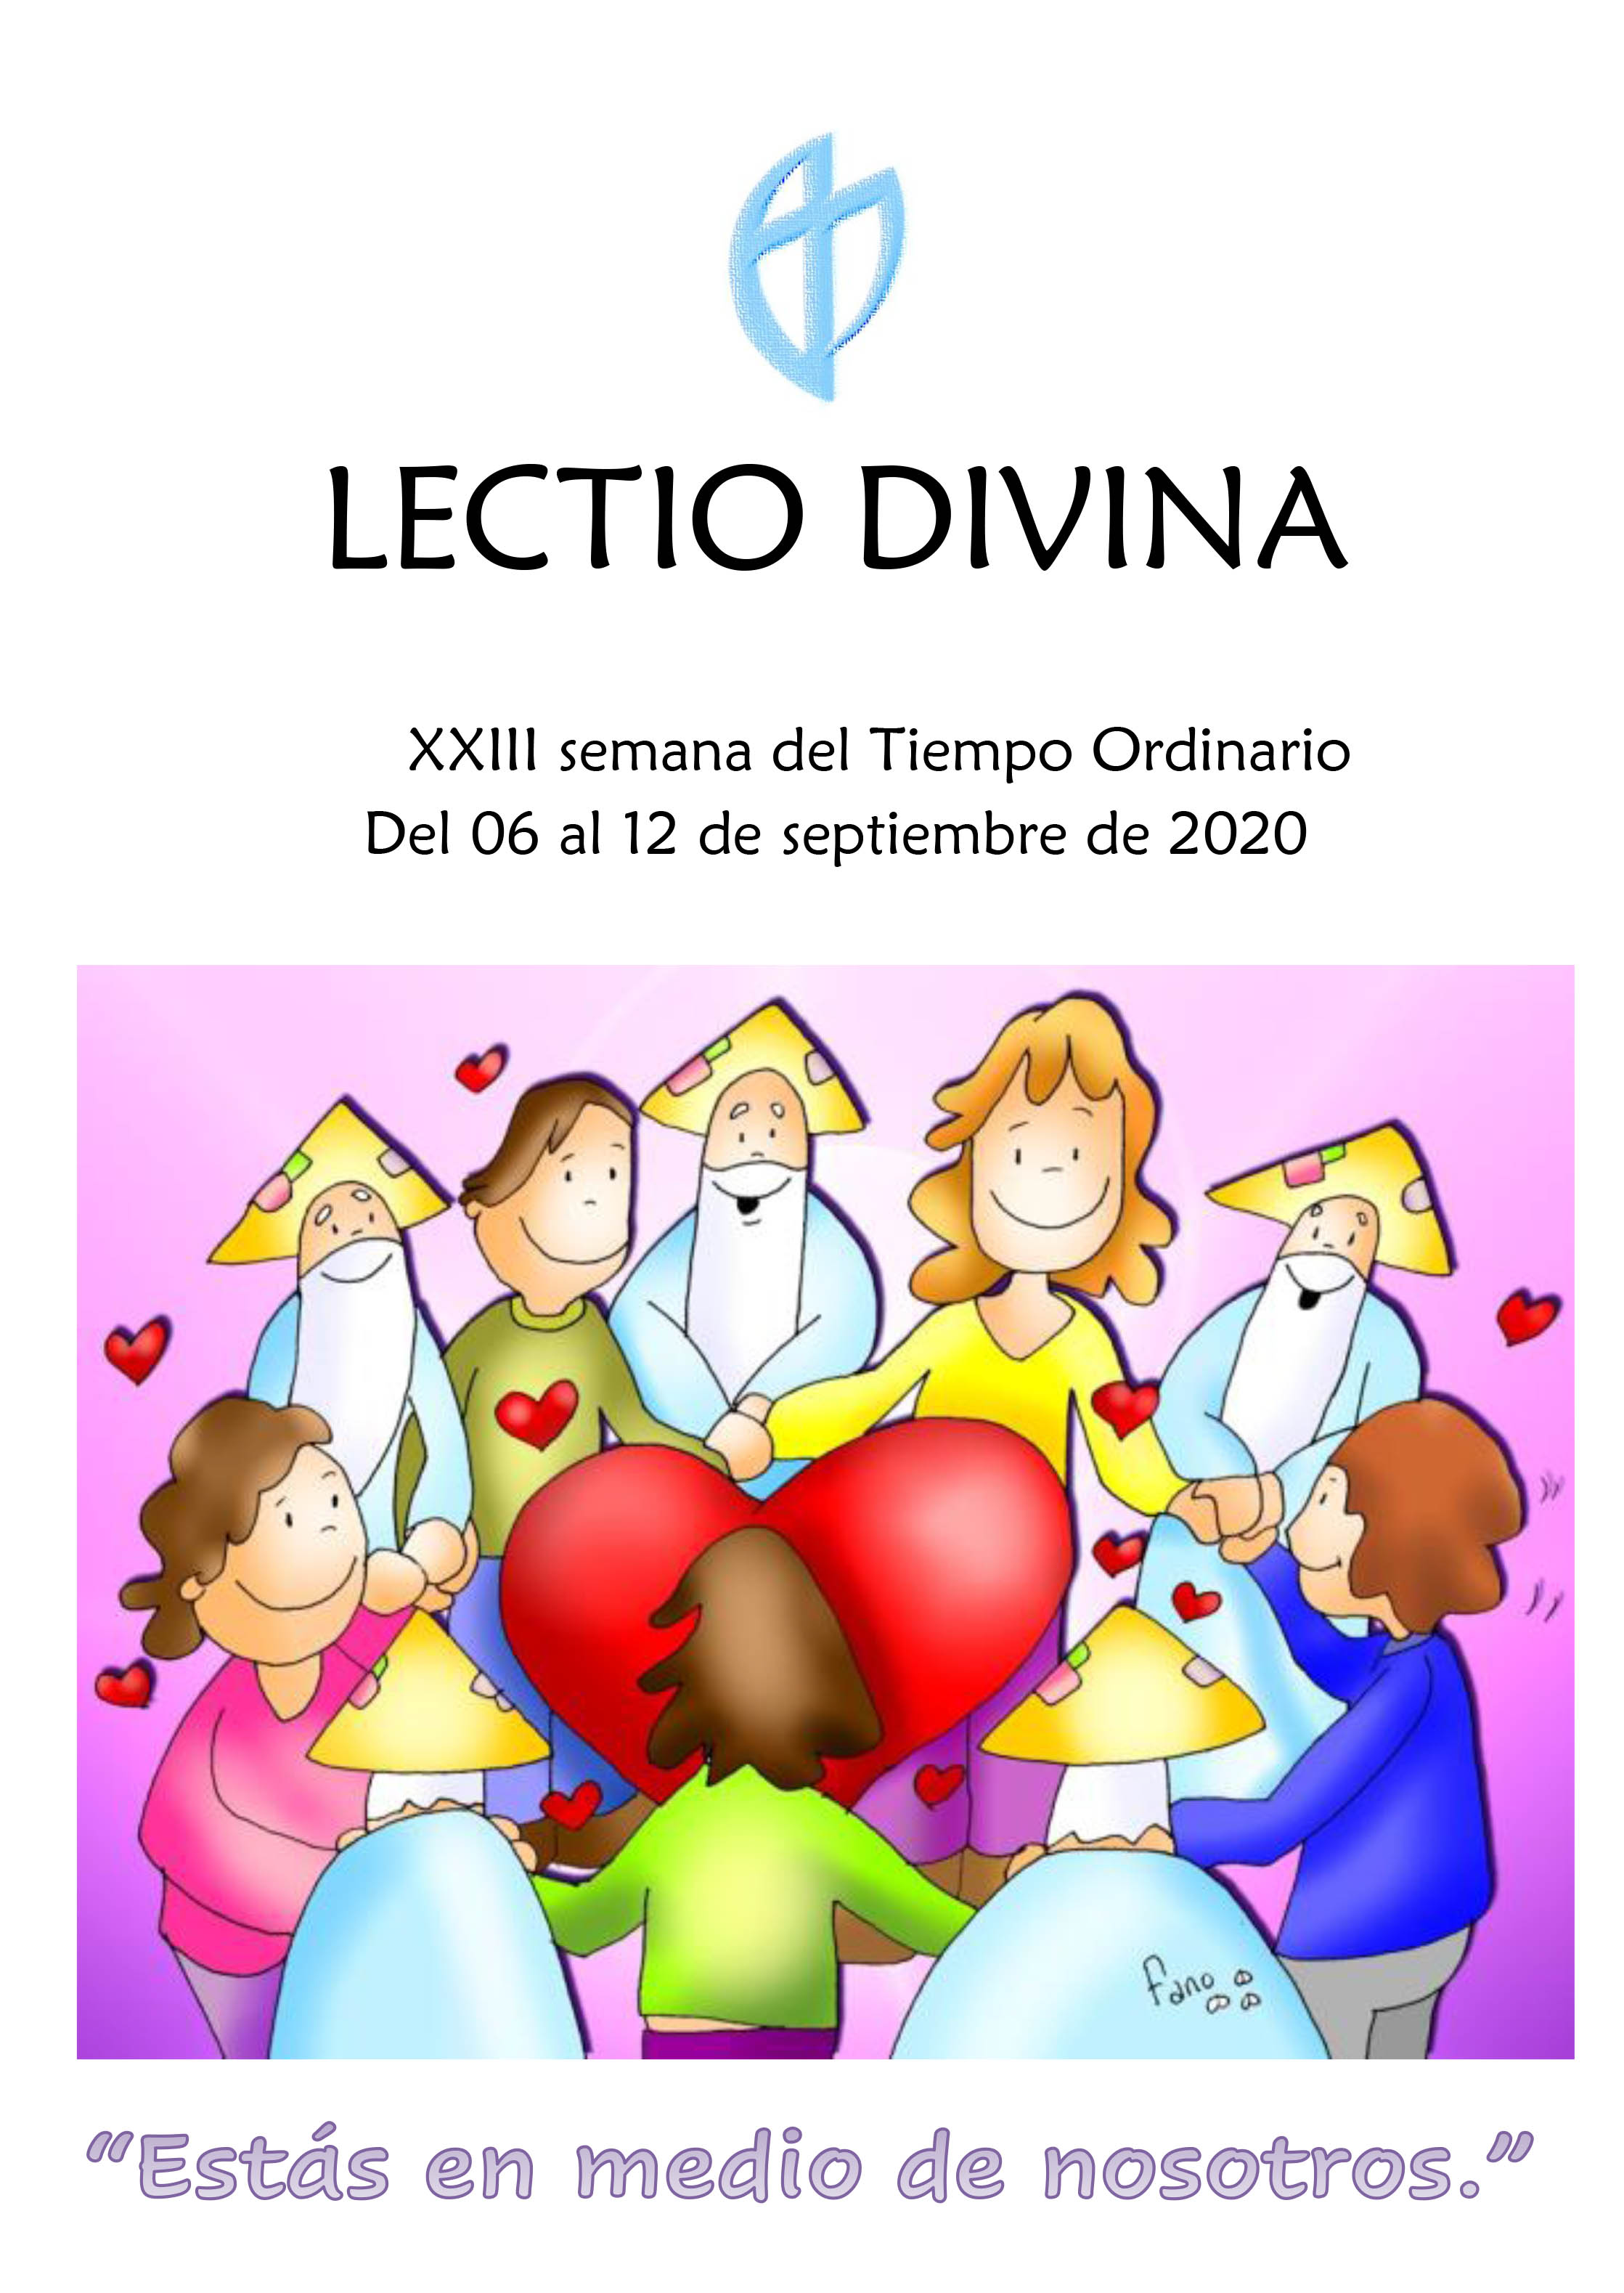 XXIII semana del Tiempo Ordinario Del 06 al 12 de septiembre de 2020